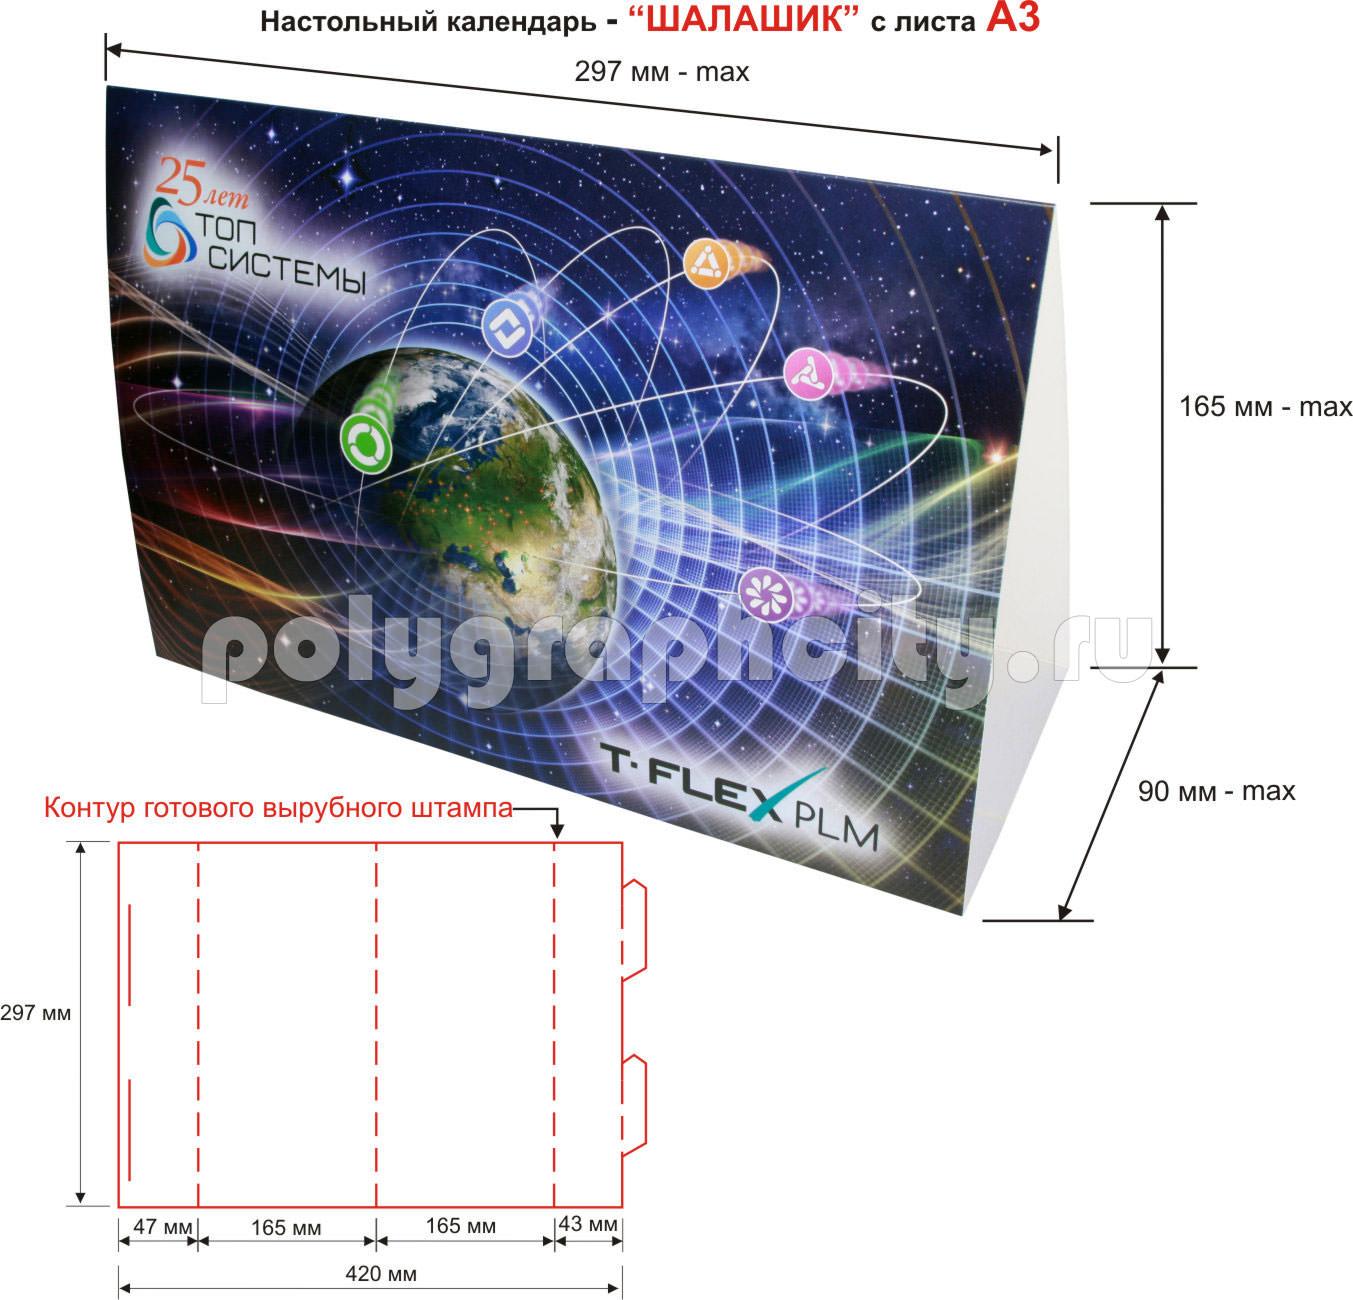 Настольный календарь ШАЛАШИК с листа А3 420х297 мм